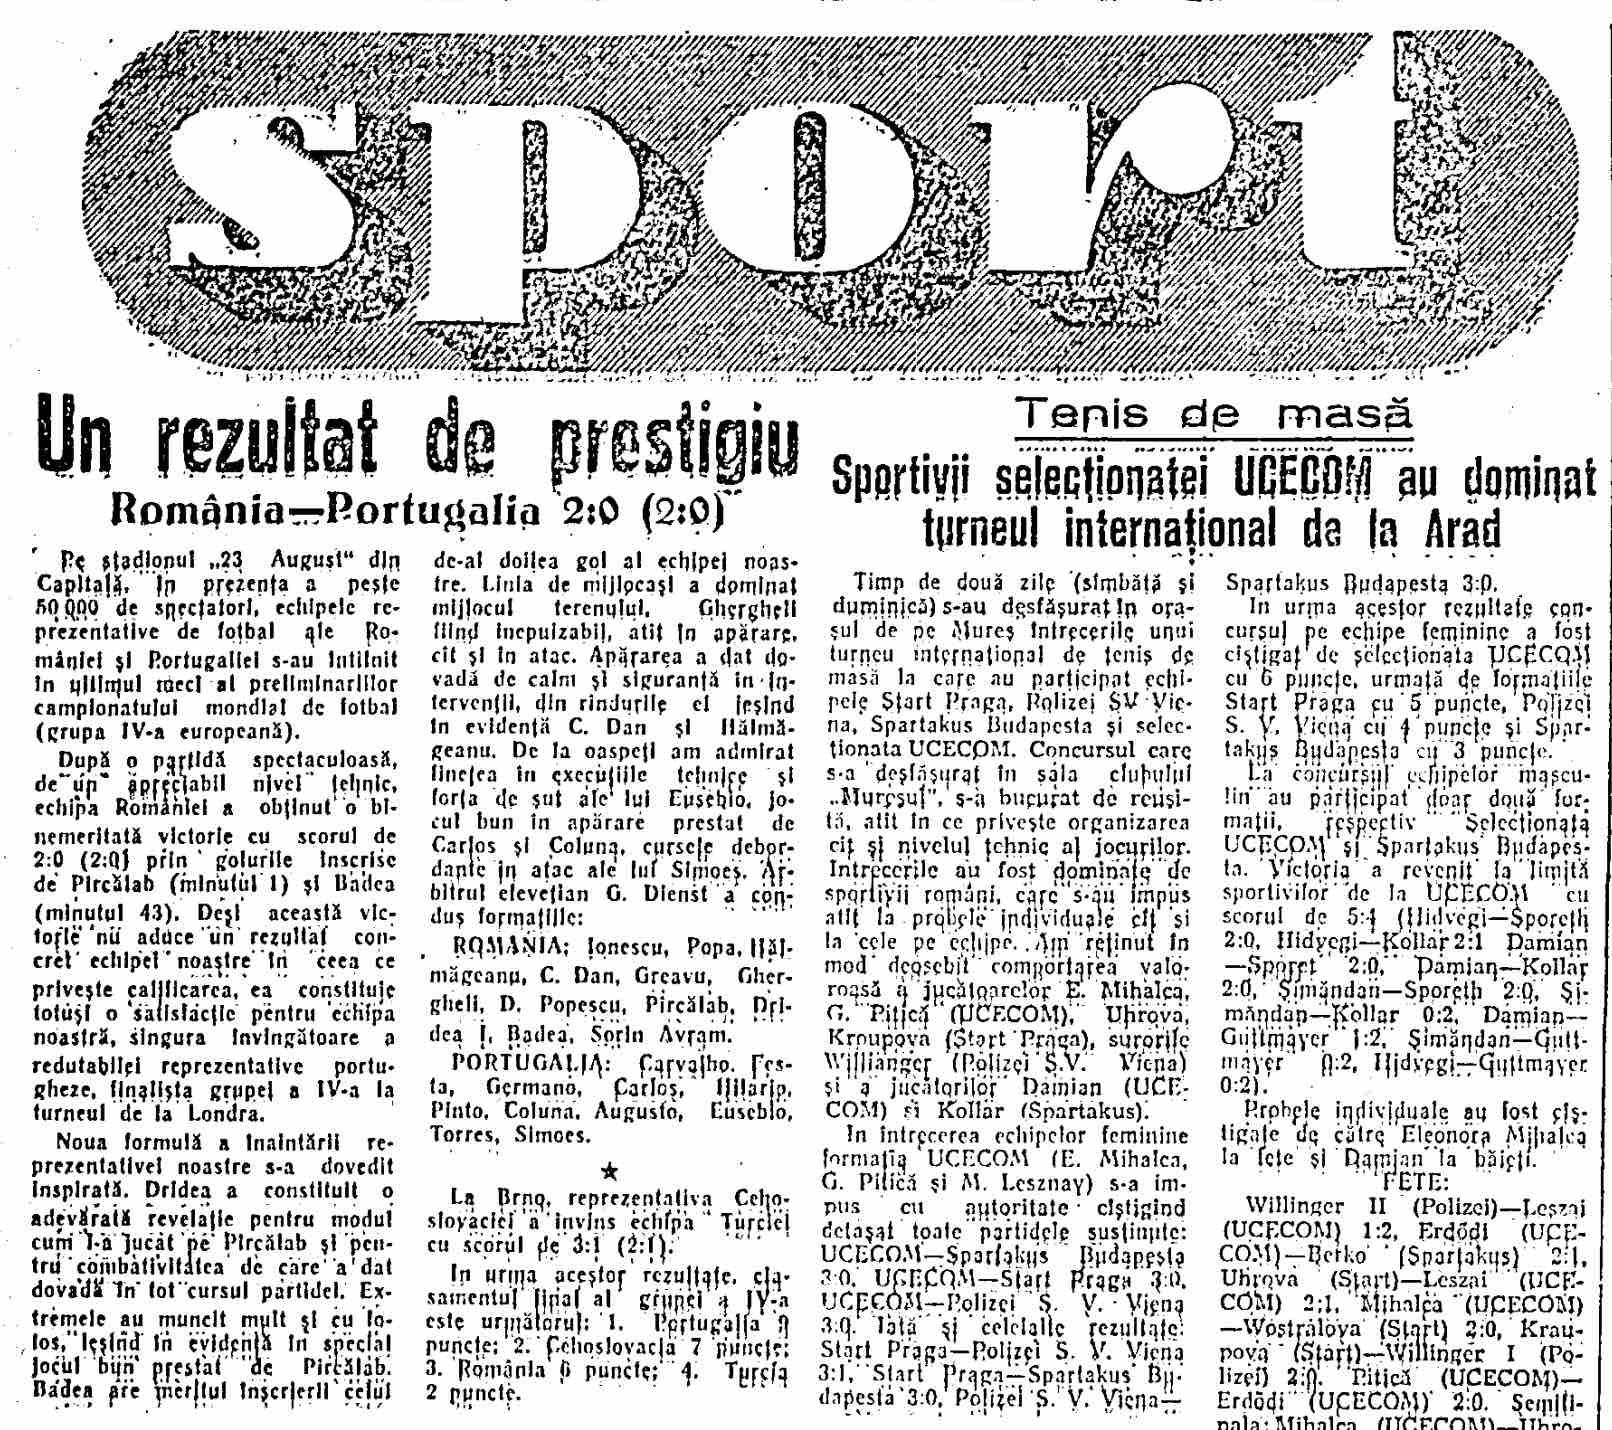 Romania 2-0 Portugalia 1965